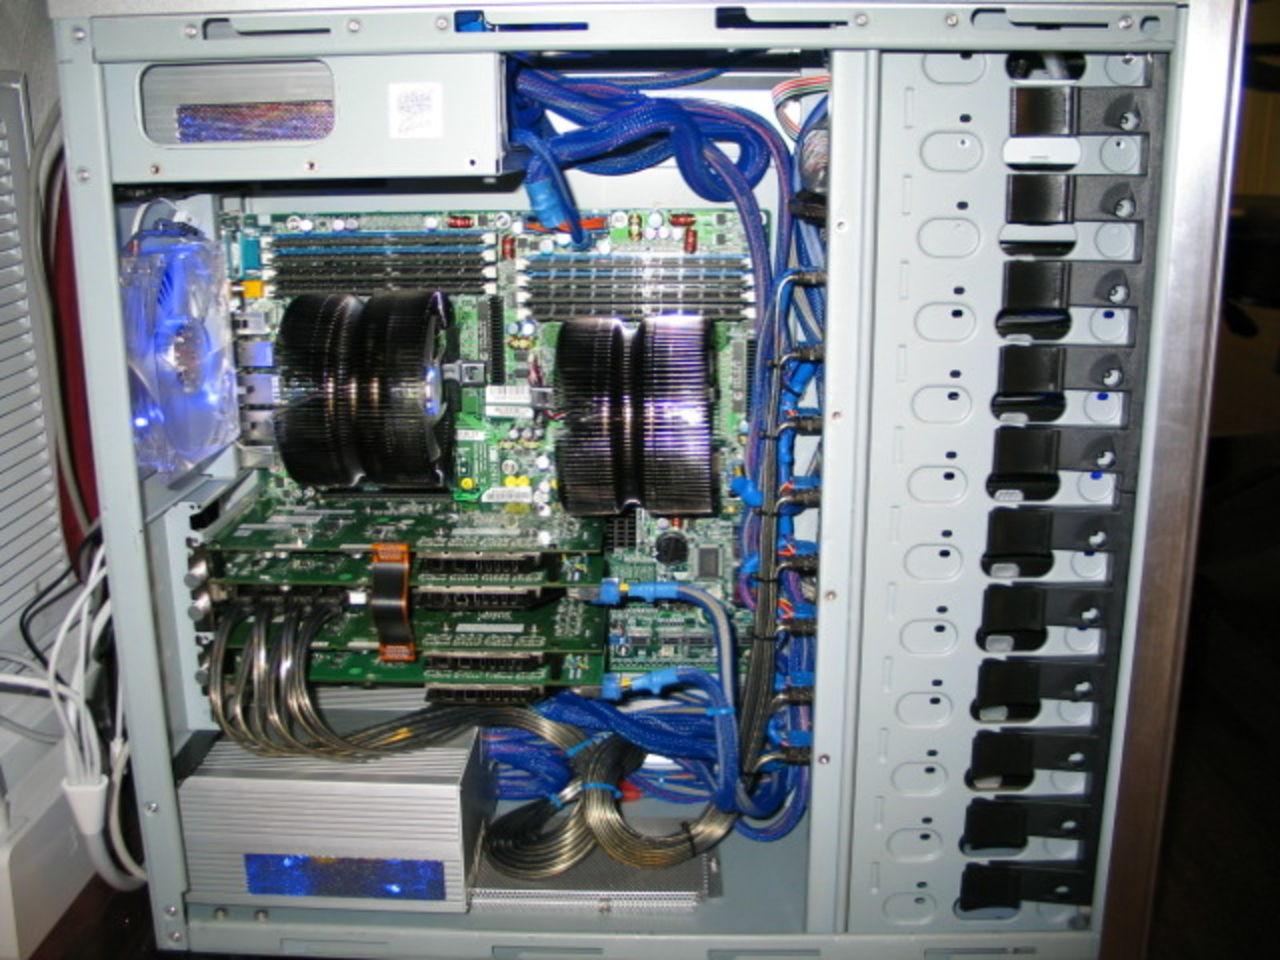 FD6A46F4-CA36-4371-8994-20438B91B52B.jpeg